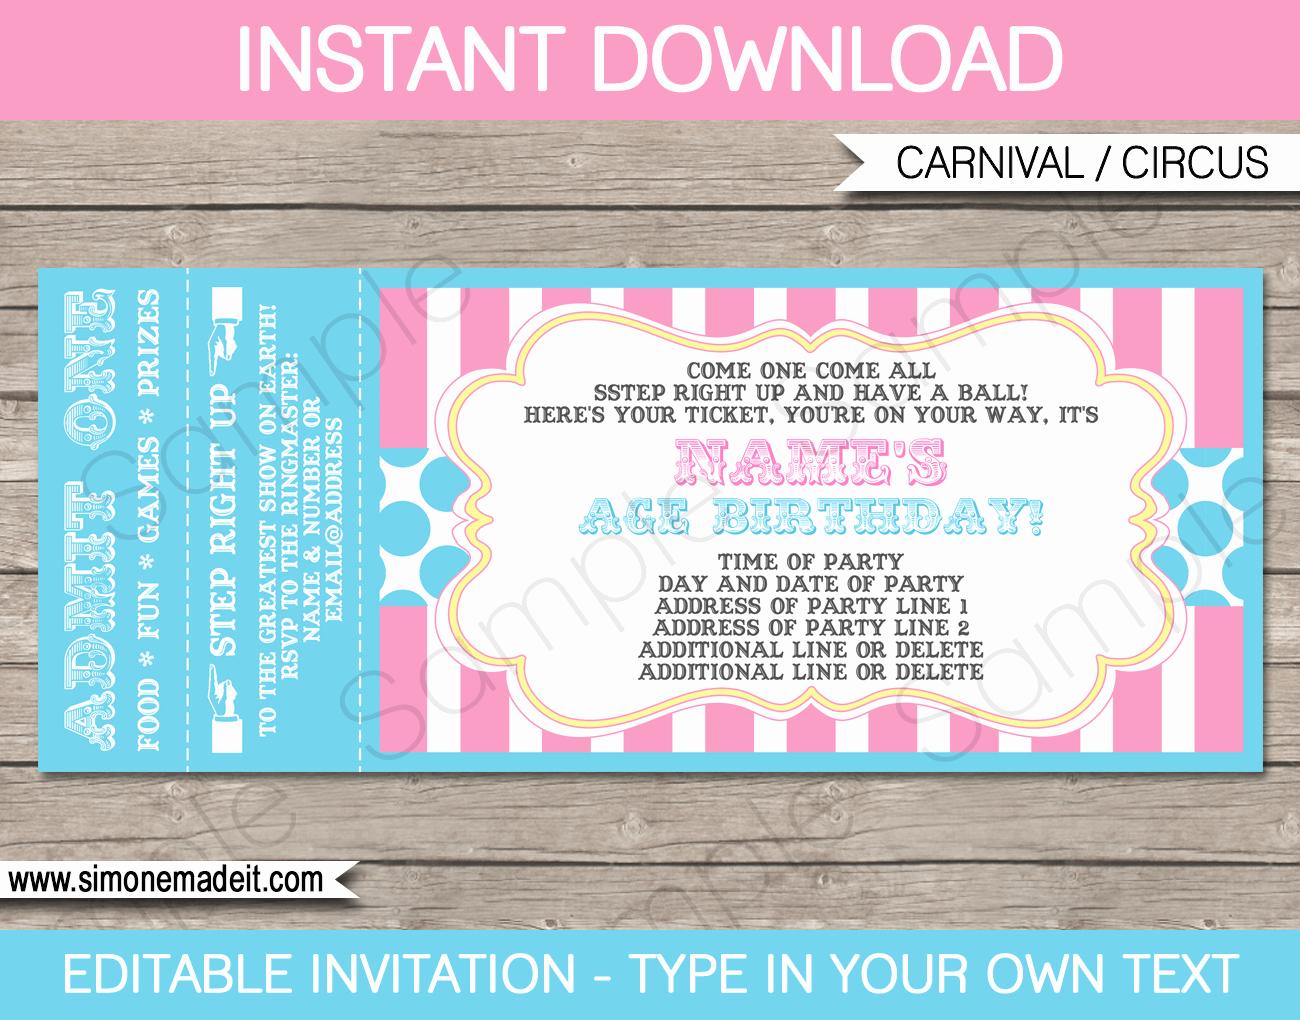 Carnival Ticket Invitation Template Unique Carnival Party Ticket Invitations Template